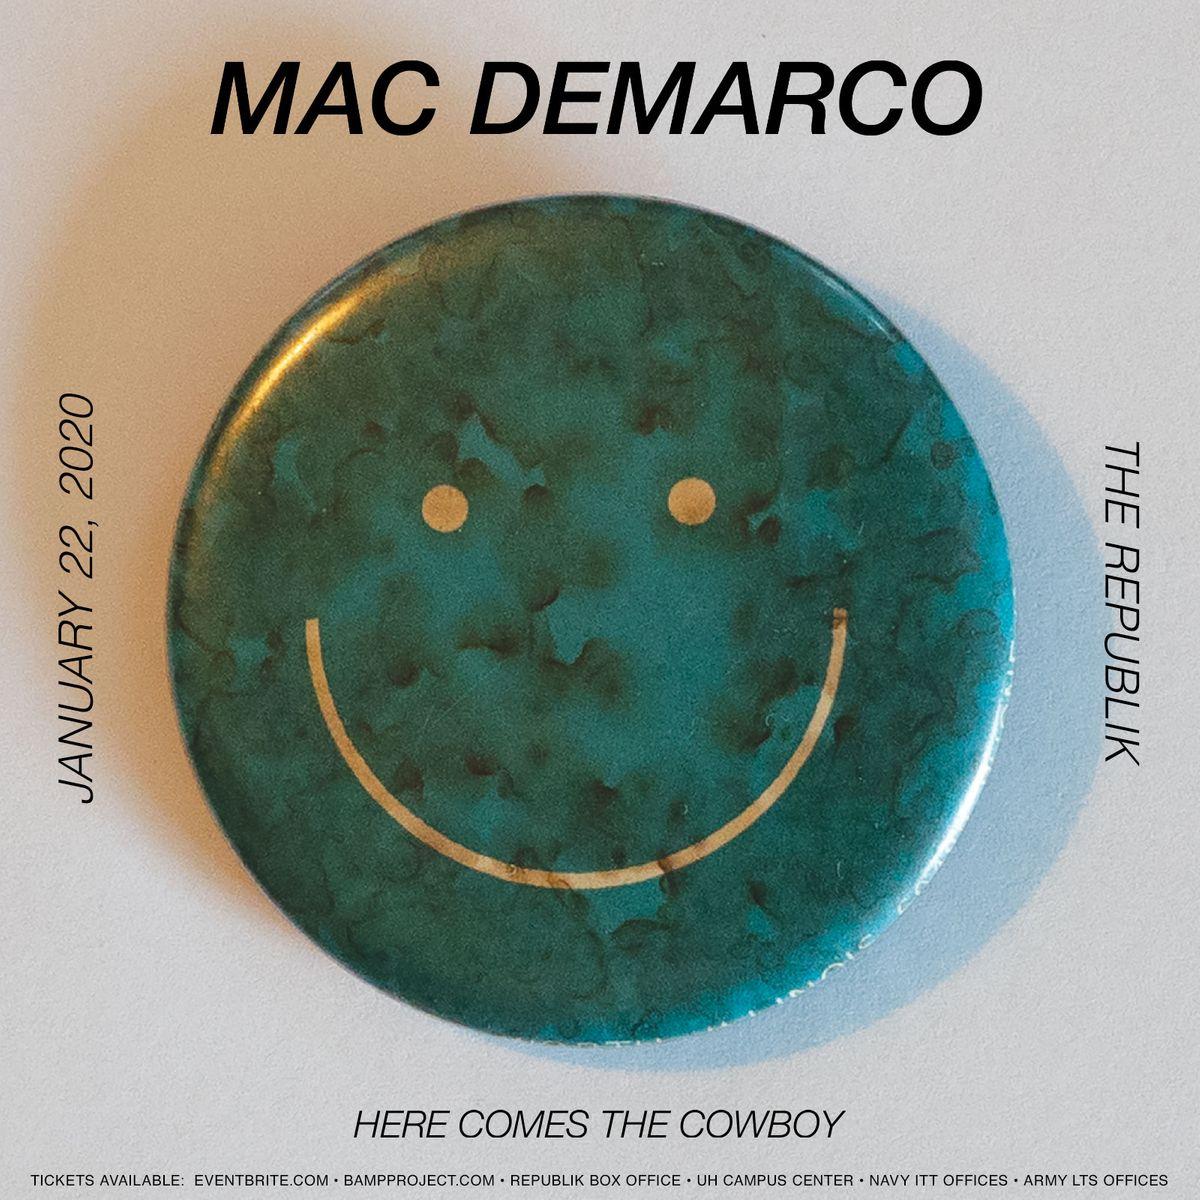 MacDemarco-2020_ig_1600x1600.jpg